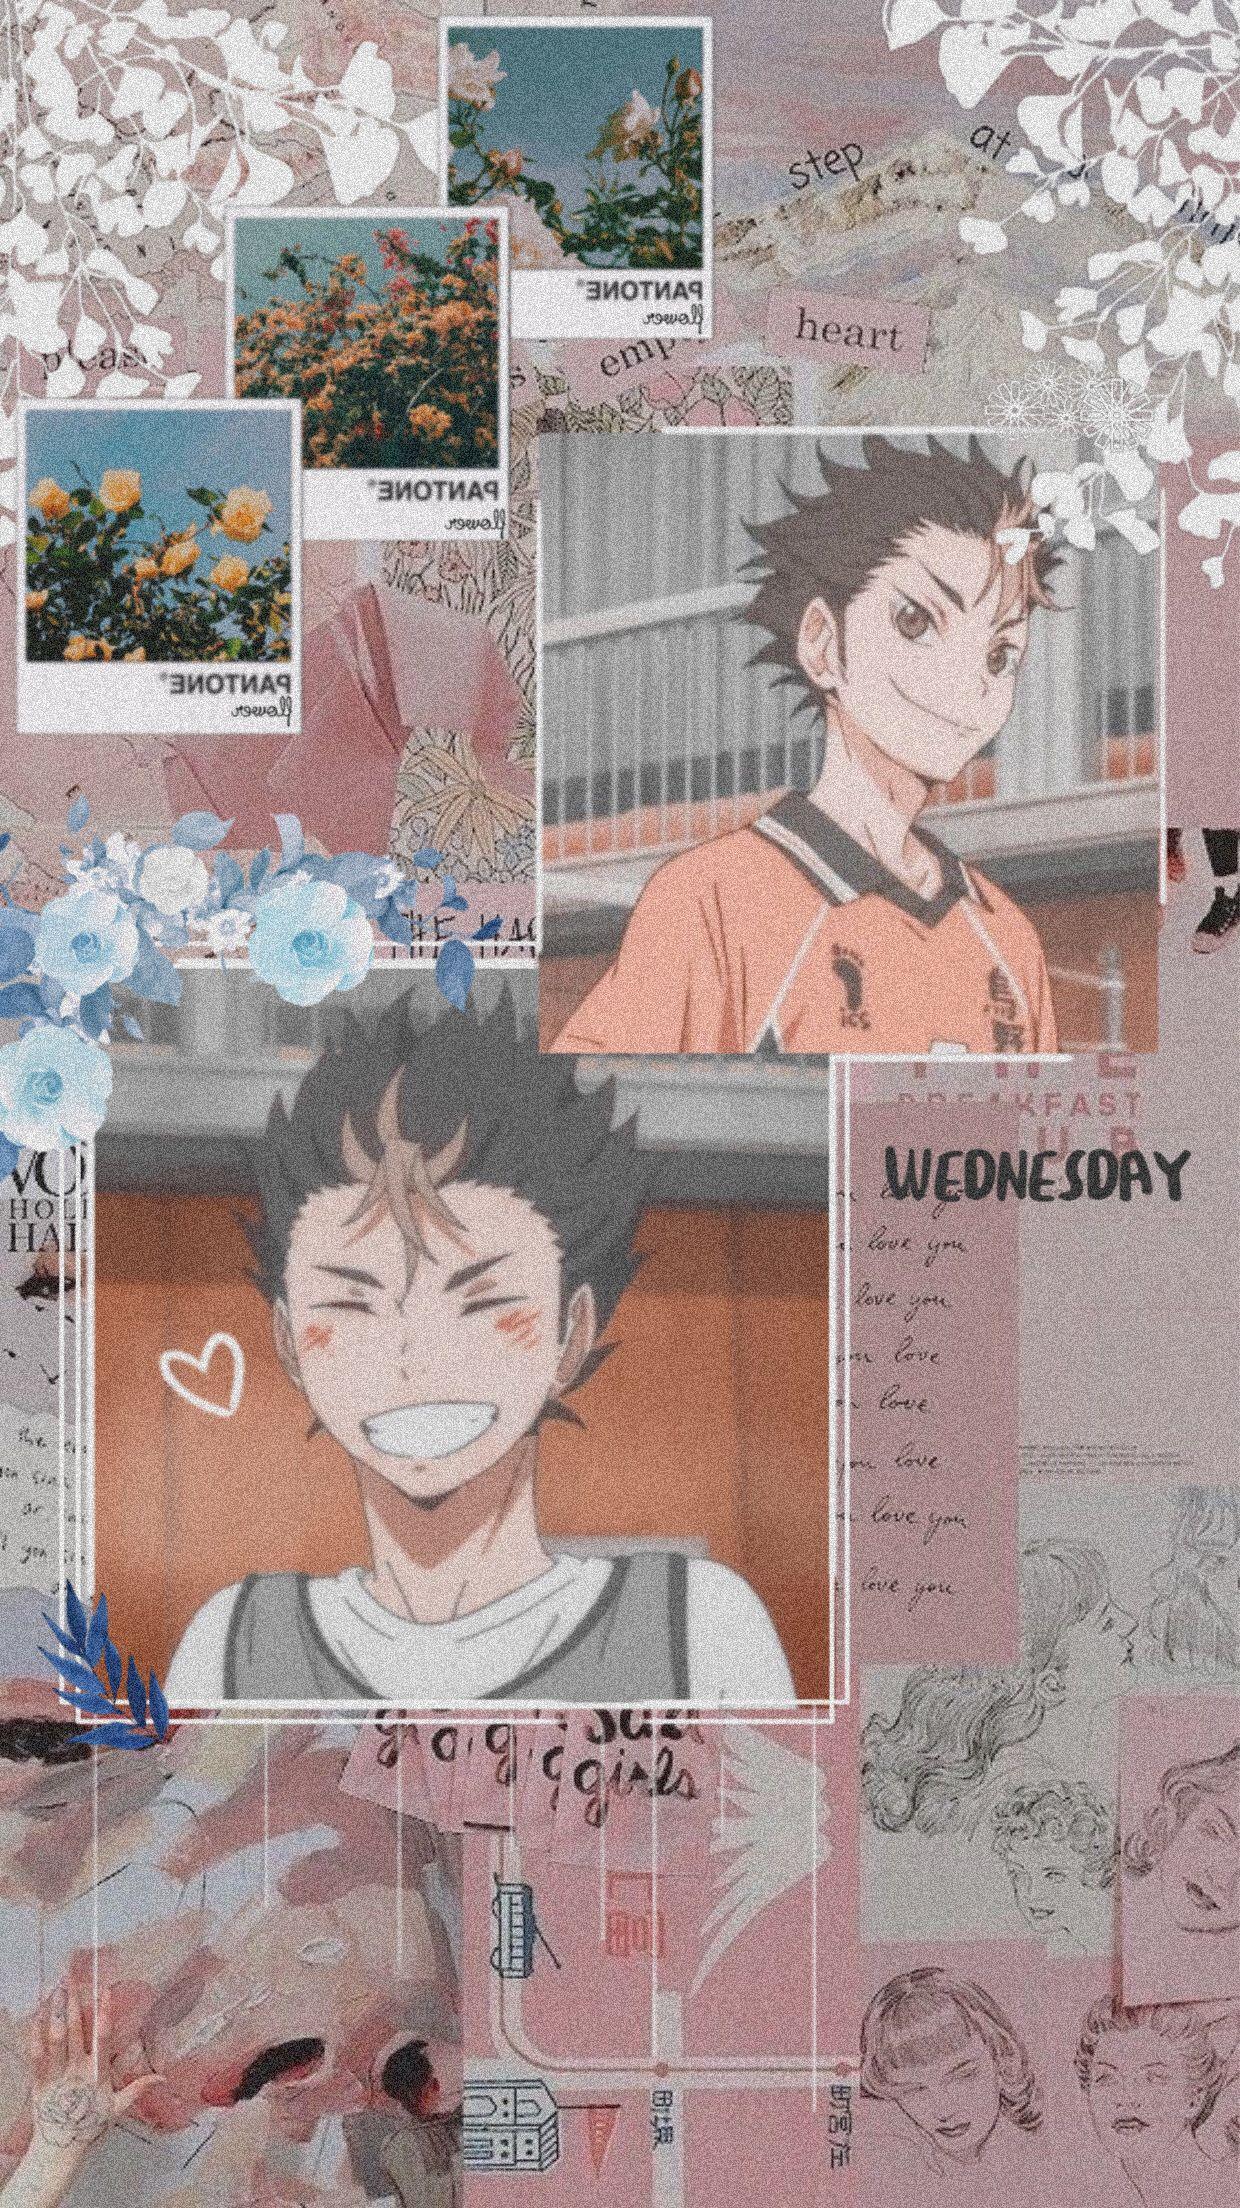 #freetoedit #Nishinoya #Haikyuu #Vollyball #Haikyuu #Weeb #Anime